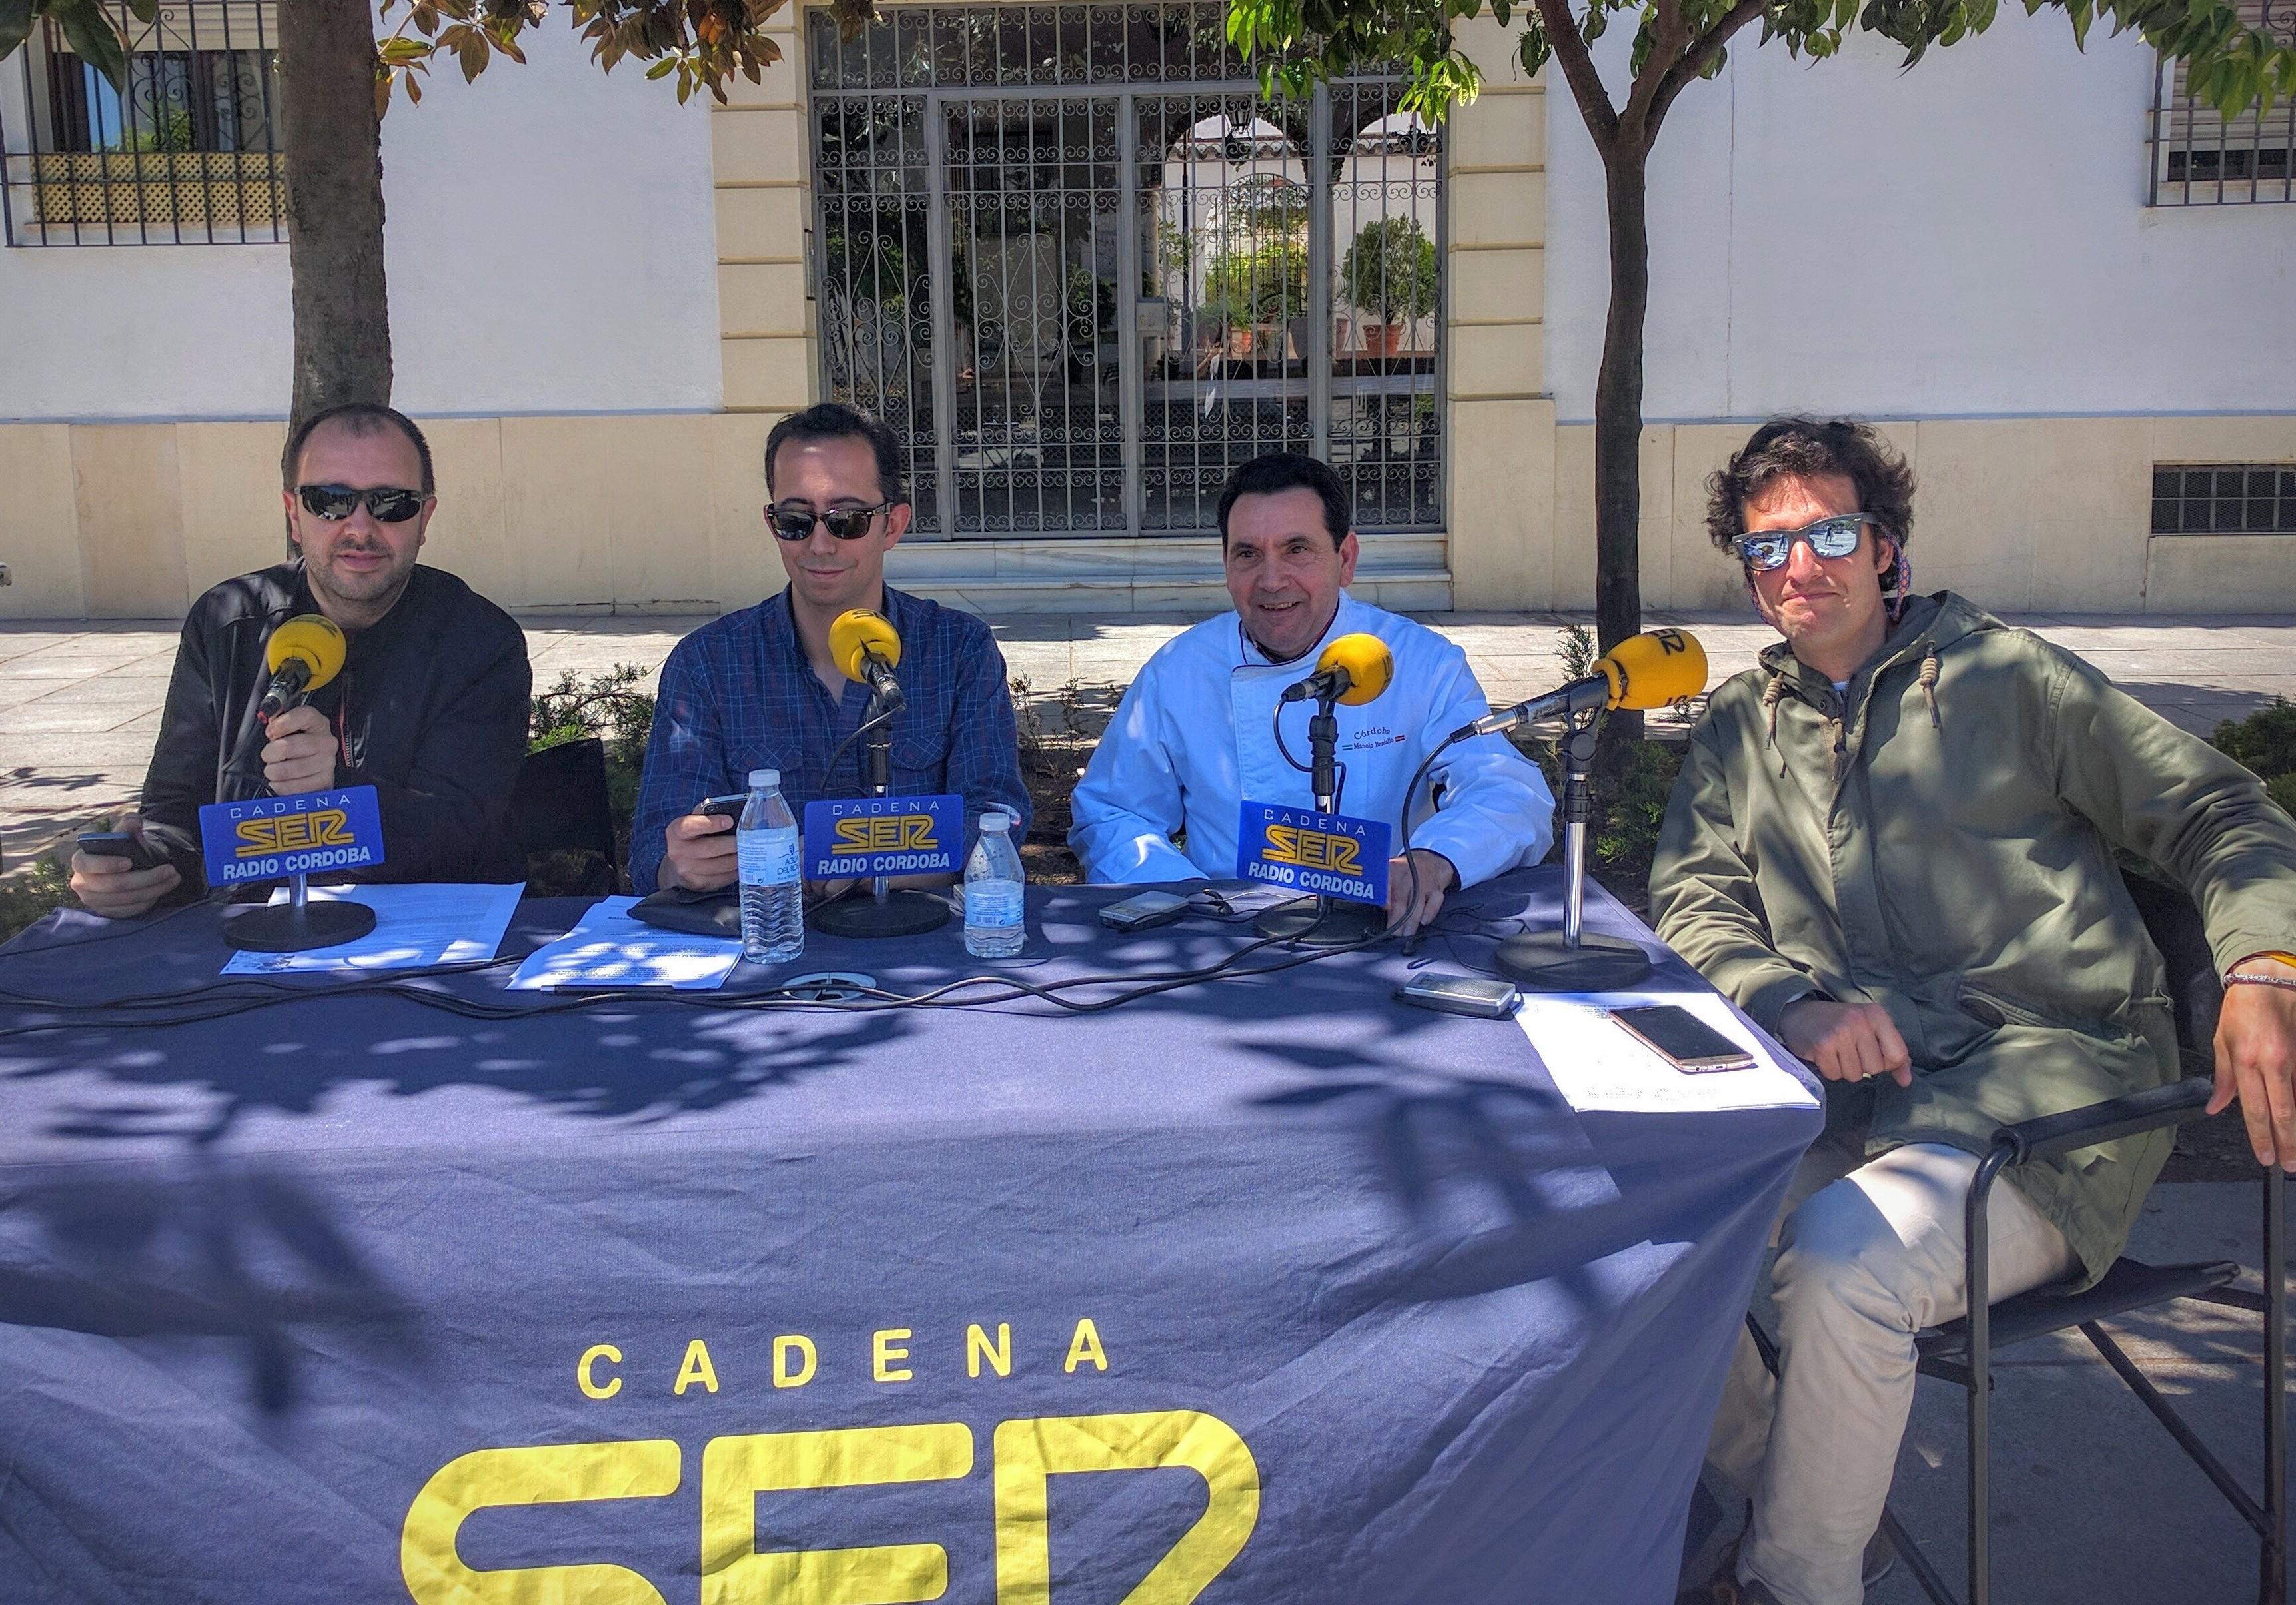 La Cadena SER y el Restaurante Sociedad Plateros Maria Auxiliadora Dia del Salmorejo